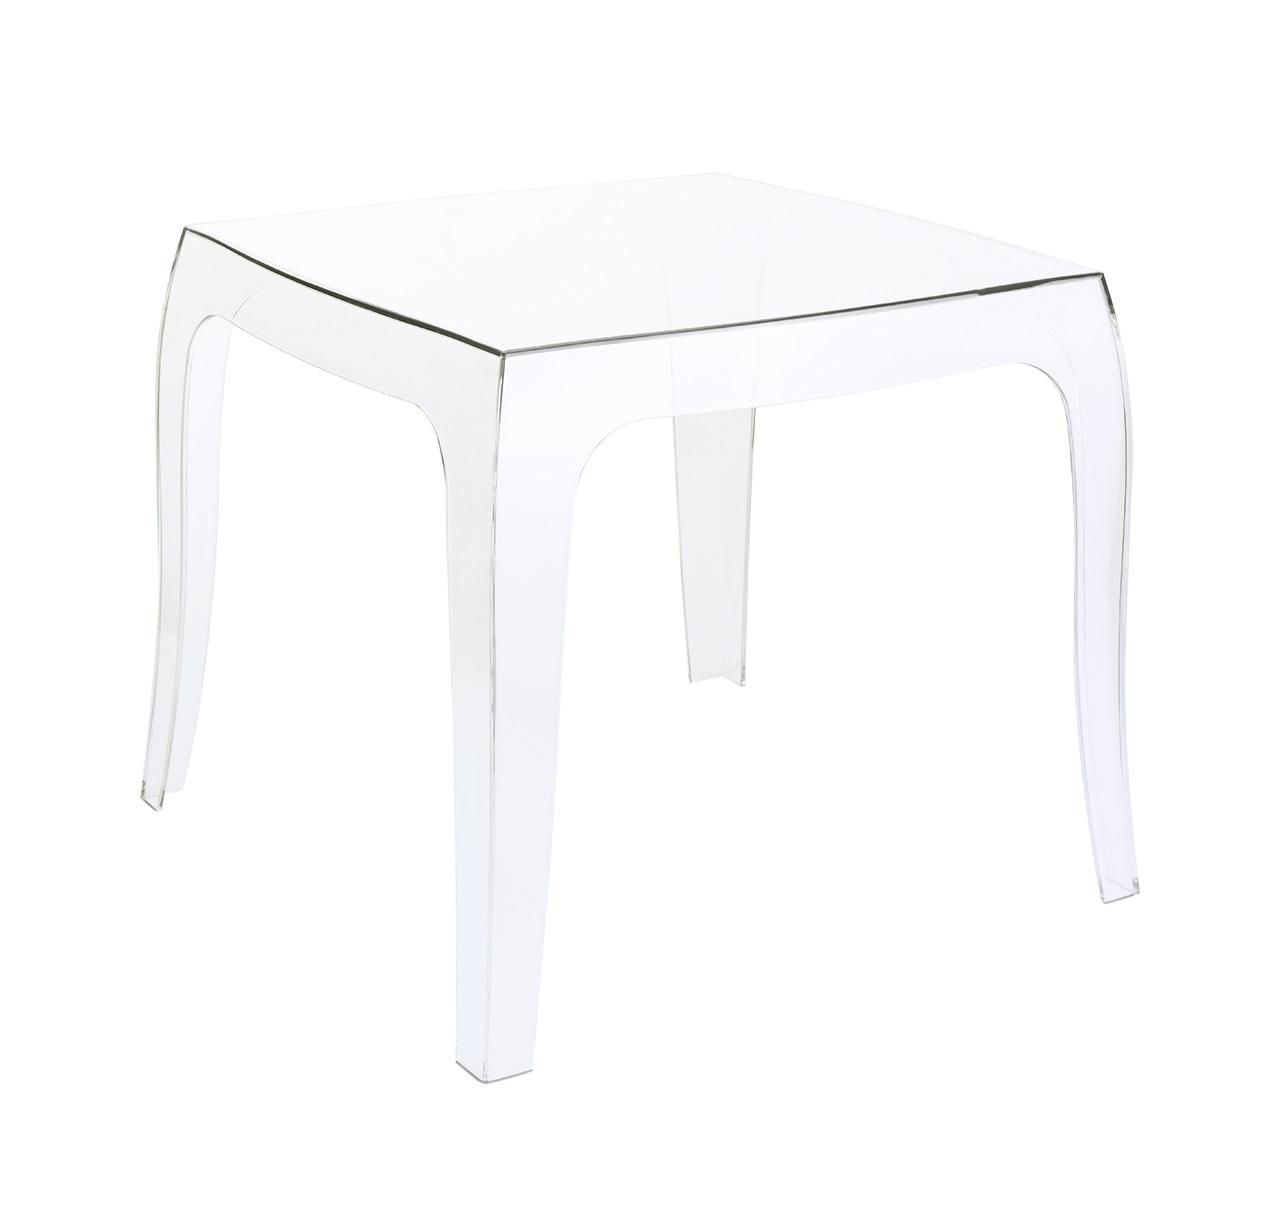 location de table basse queen transparente location mobilier de r ception paris locaprod ev nement. Black Bedroom Furniture Sets. Home Design Ideas